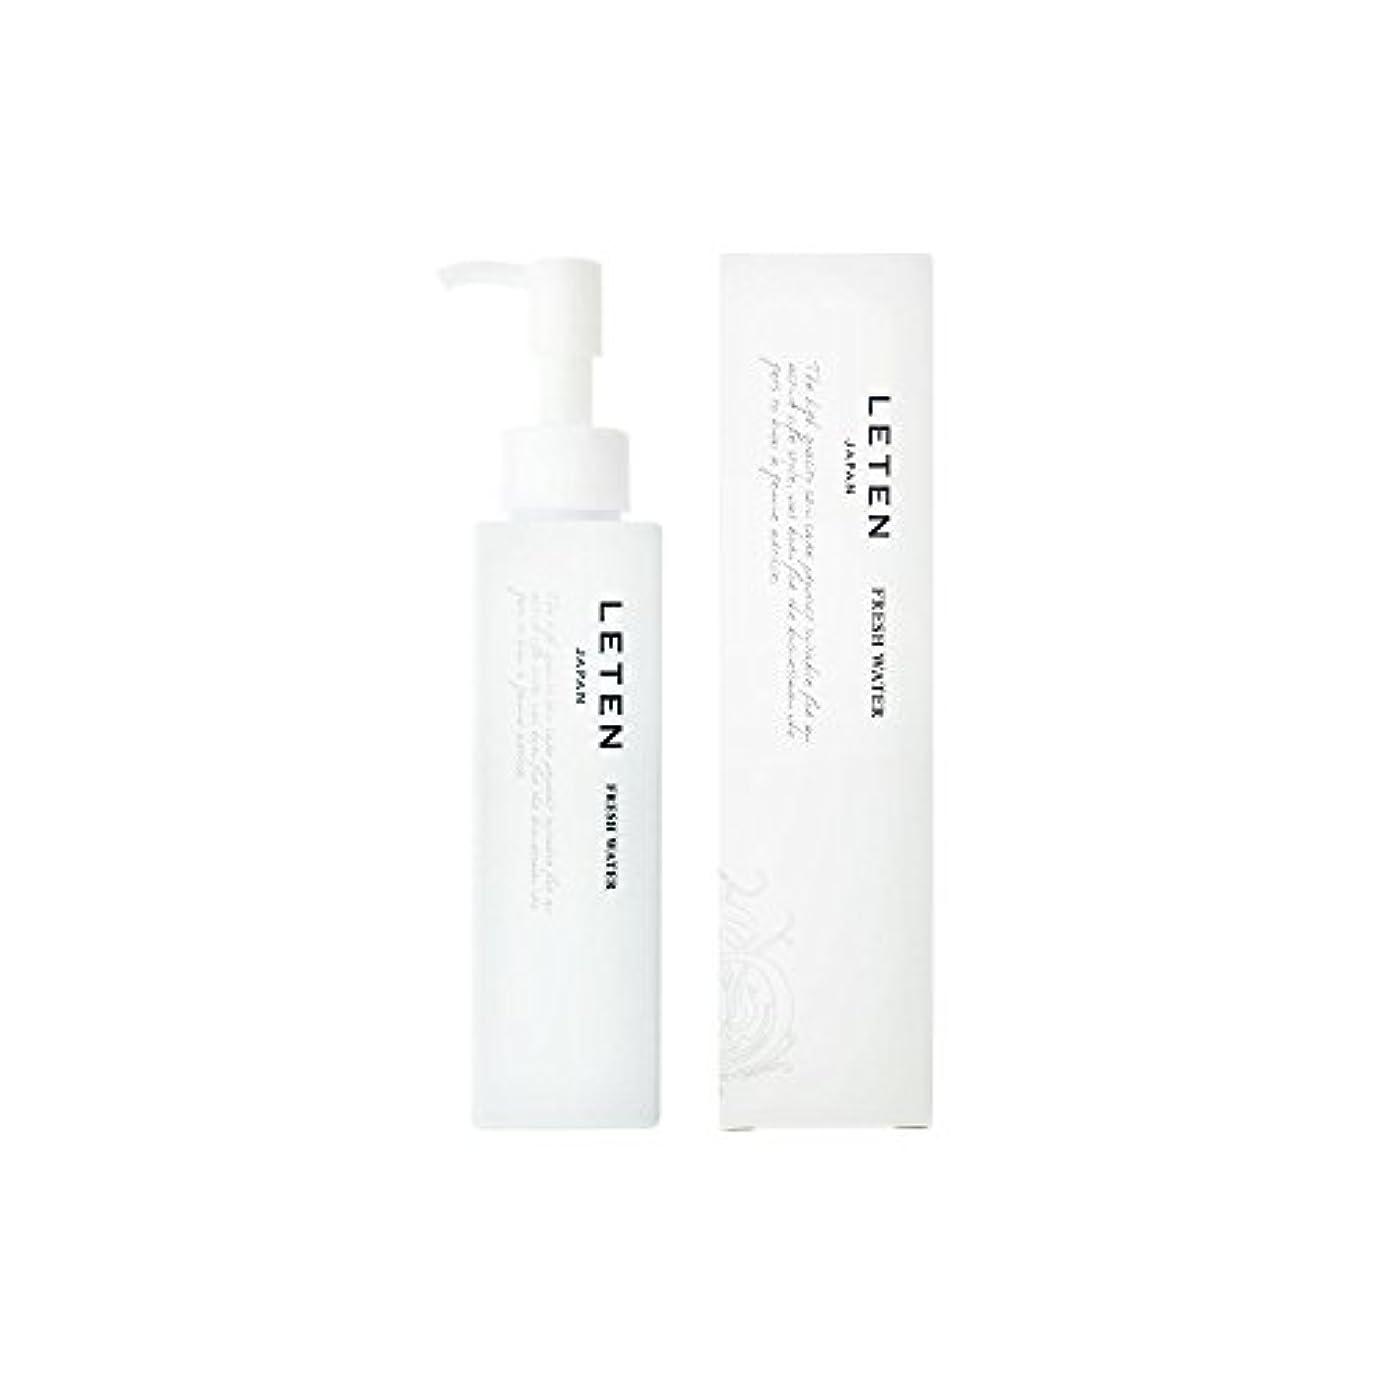 気づく吹きさらし究極のレテン (LETEN) フレッシュウォーター 150ml 化粧水 敏感肌